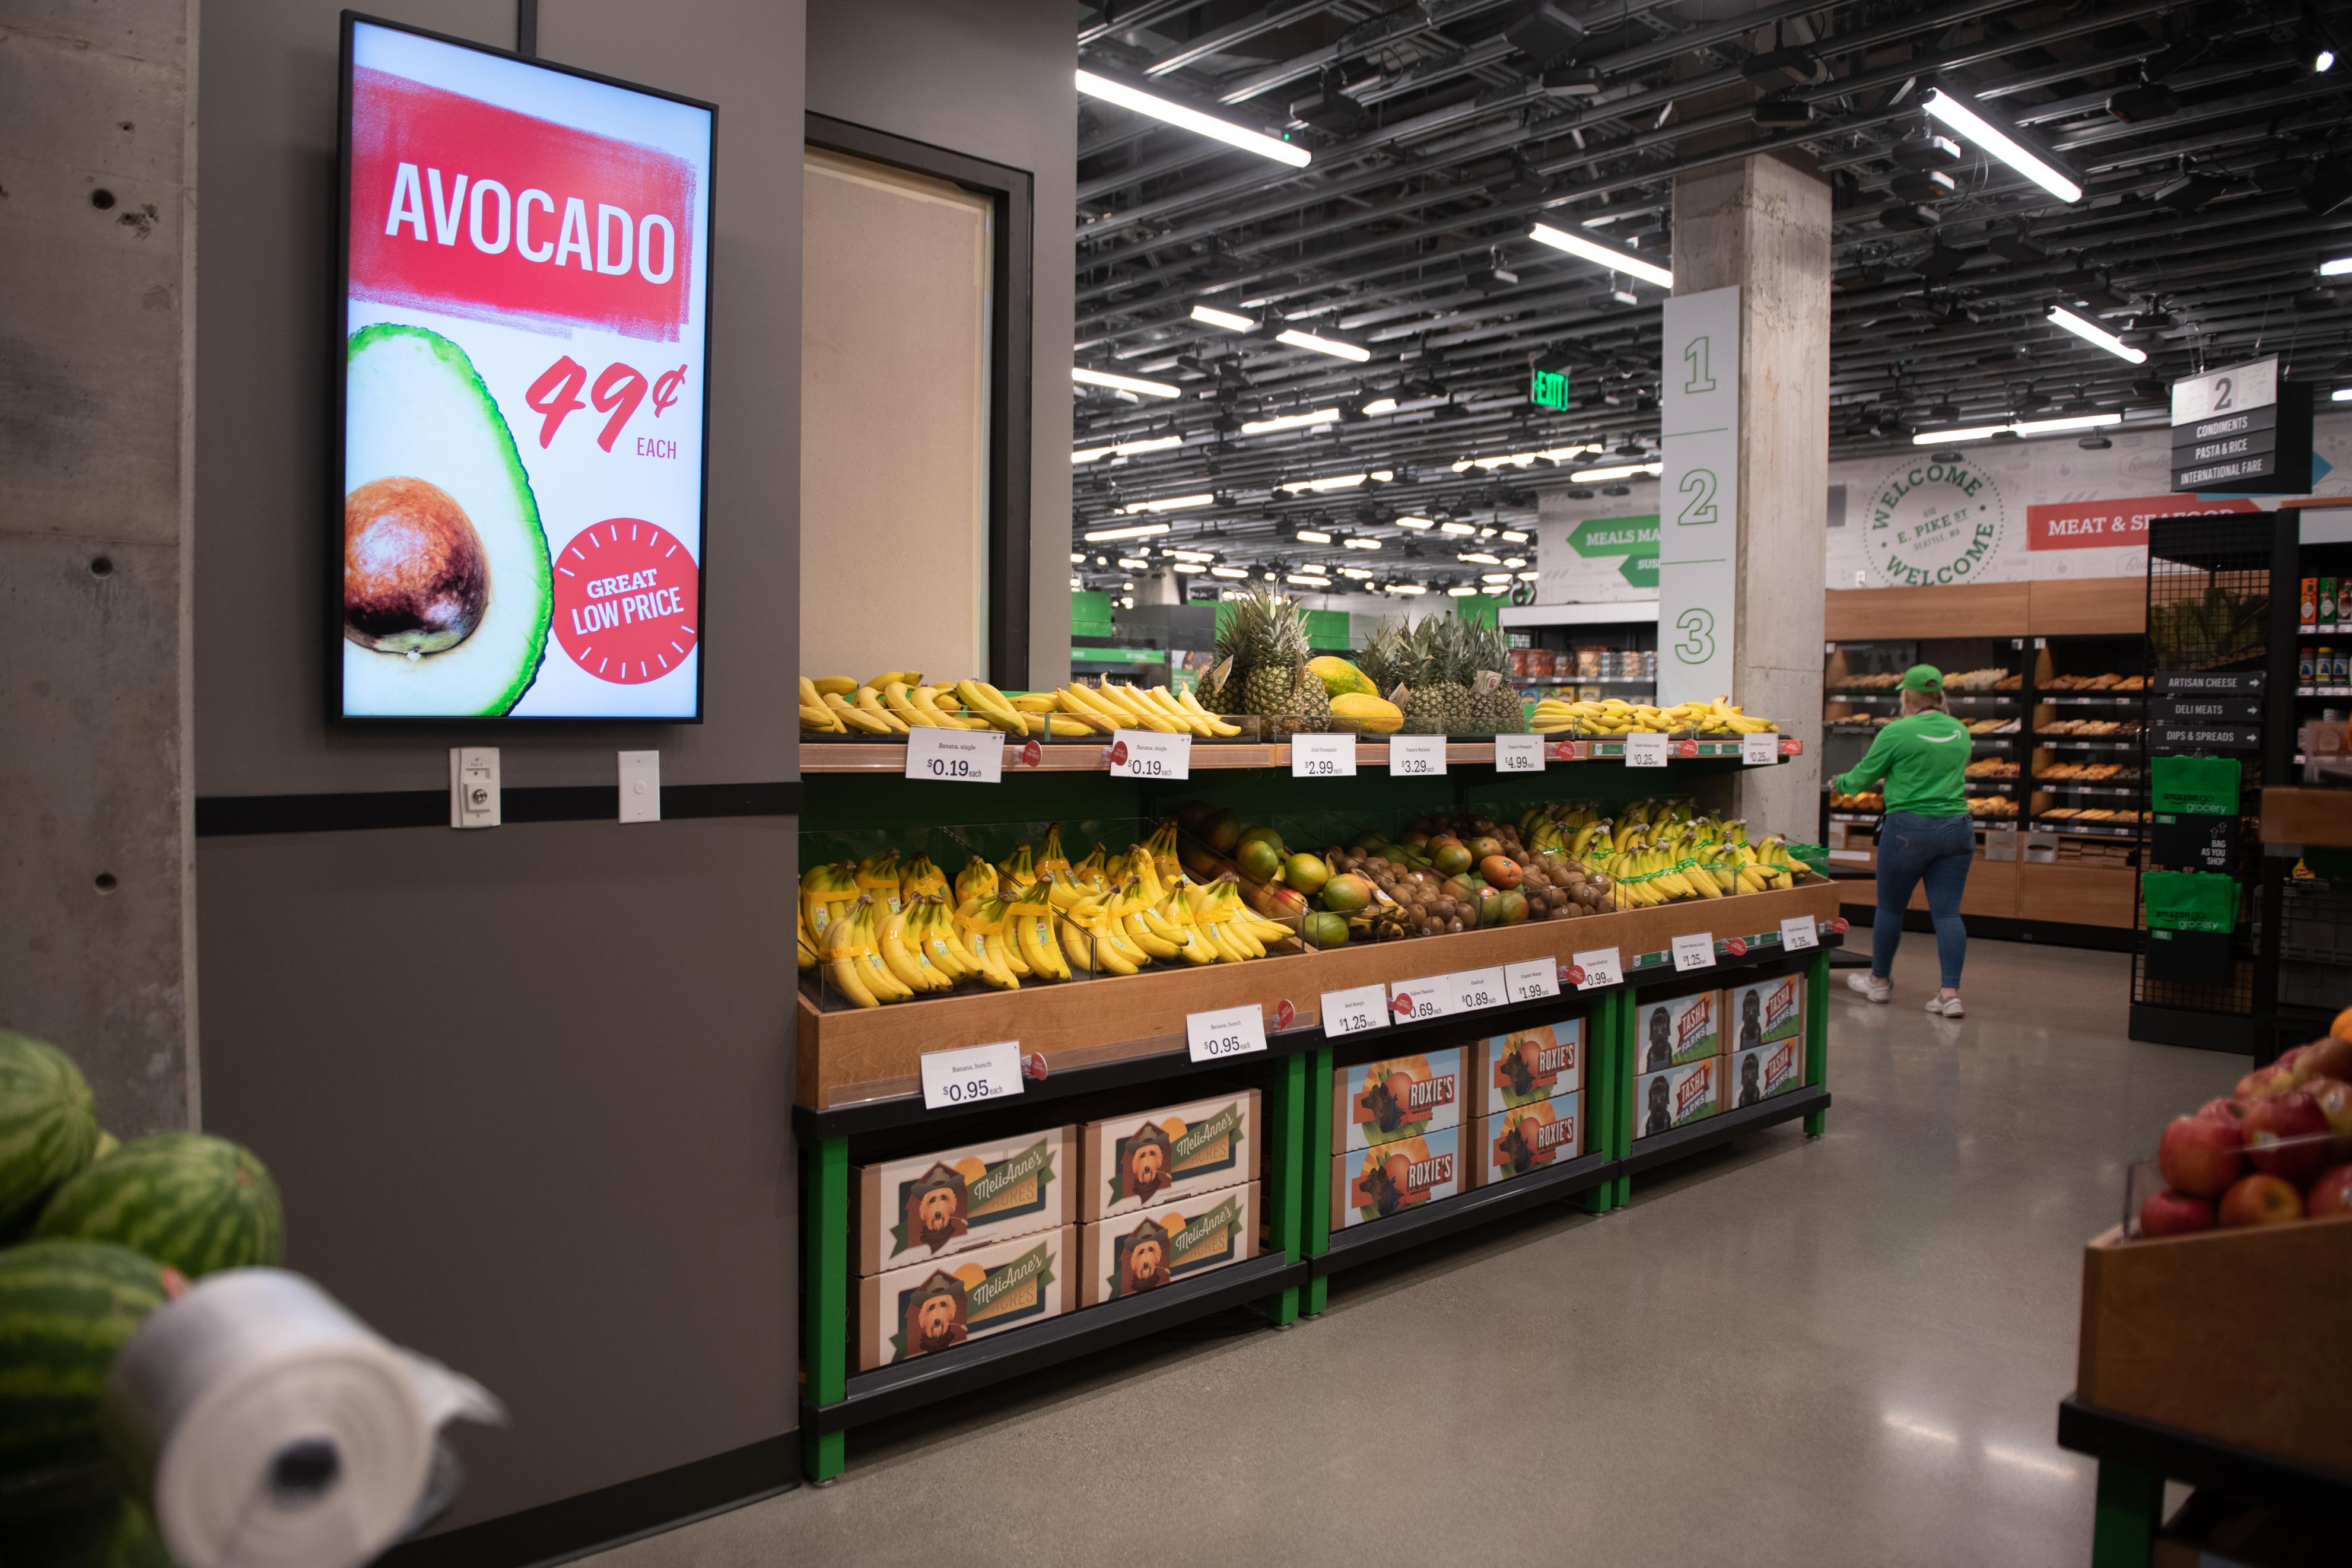 Resultado de imagen para AMAZON go grocery